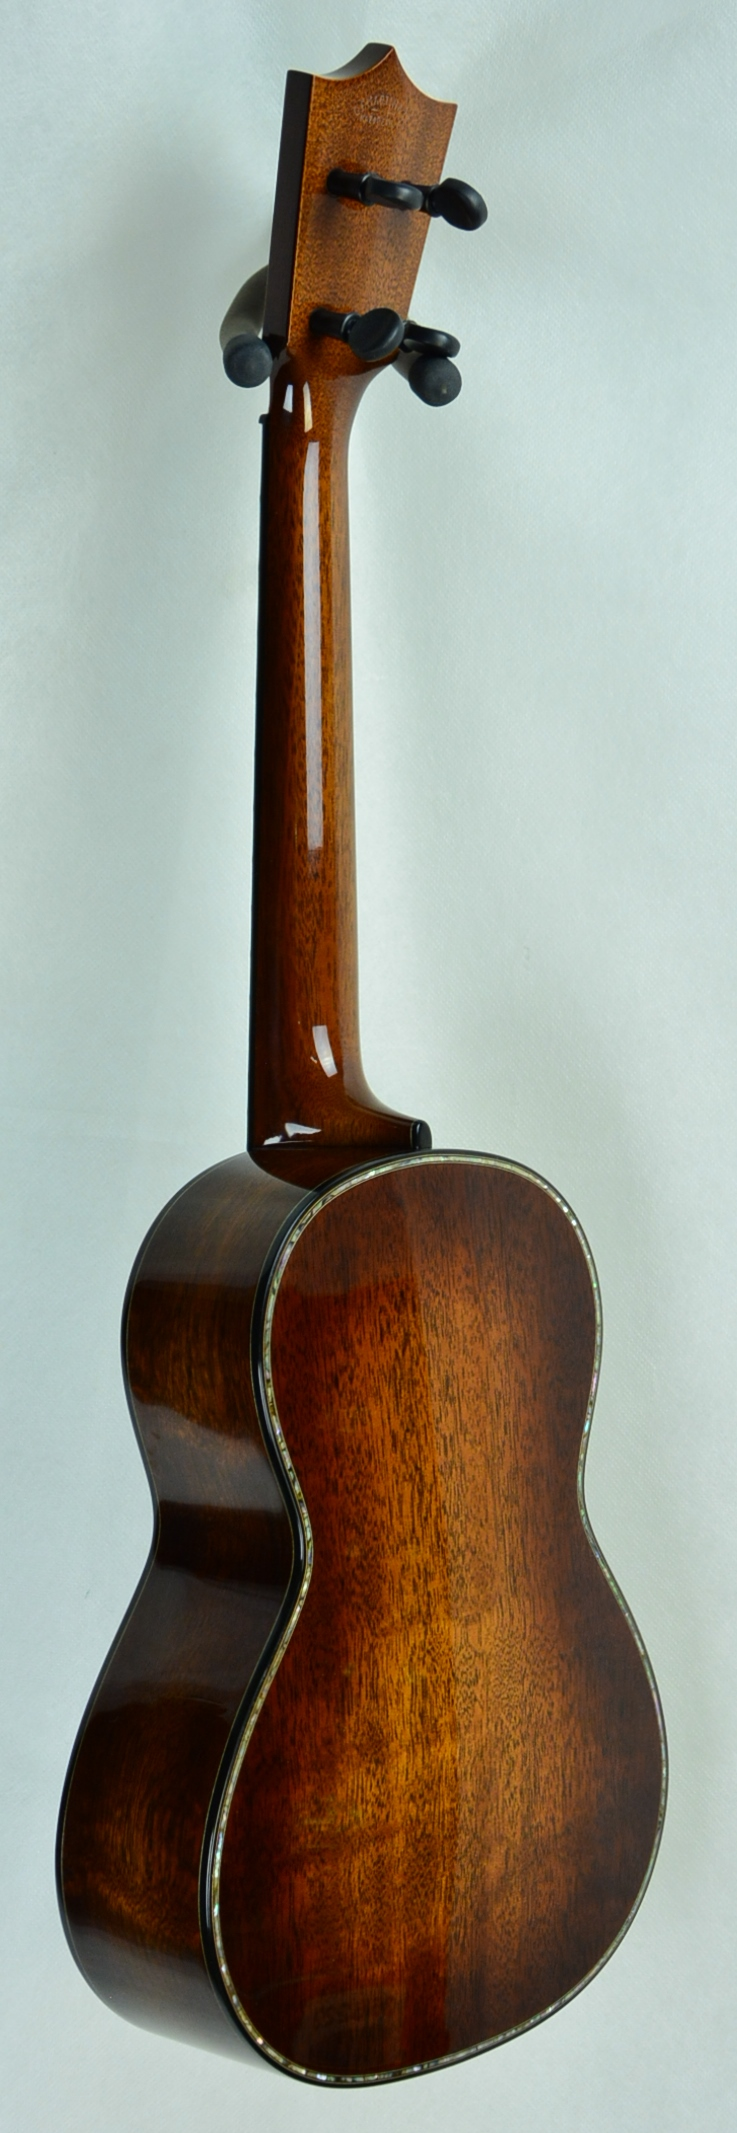 Q-2334624 S-1796468 Tenor Uke Quilt Mahogany Amber Pearl (2).JPG